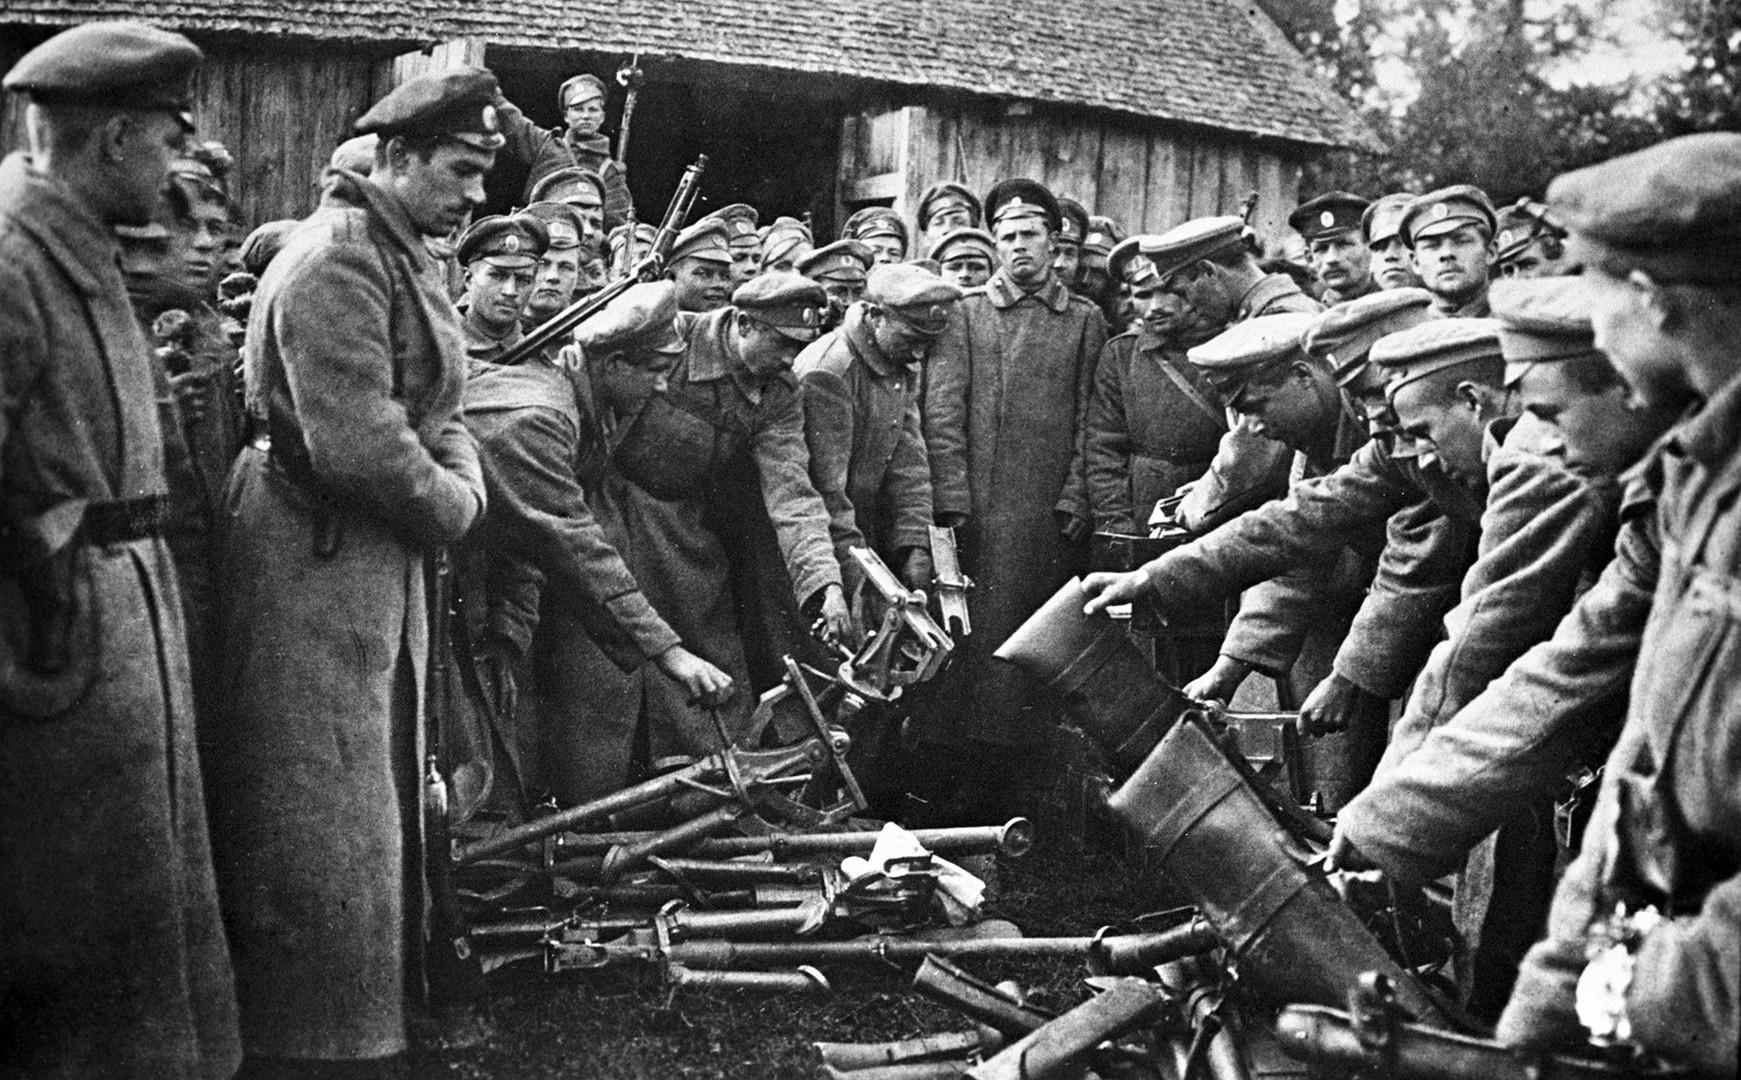 Войниците от армията на генерал Корнилов предават оръжието си.